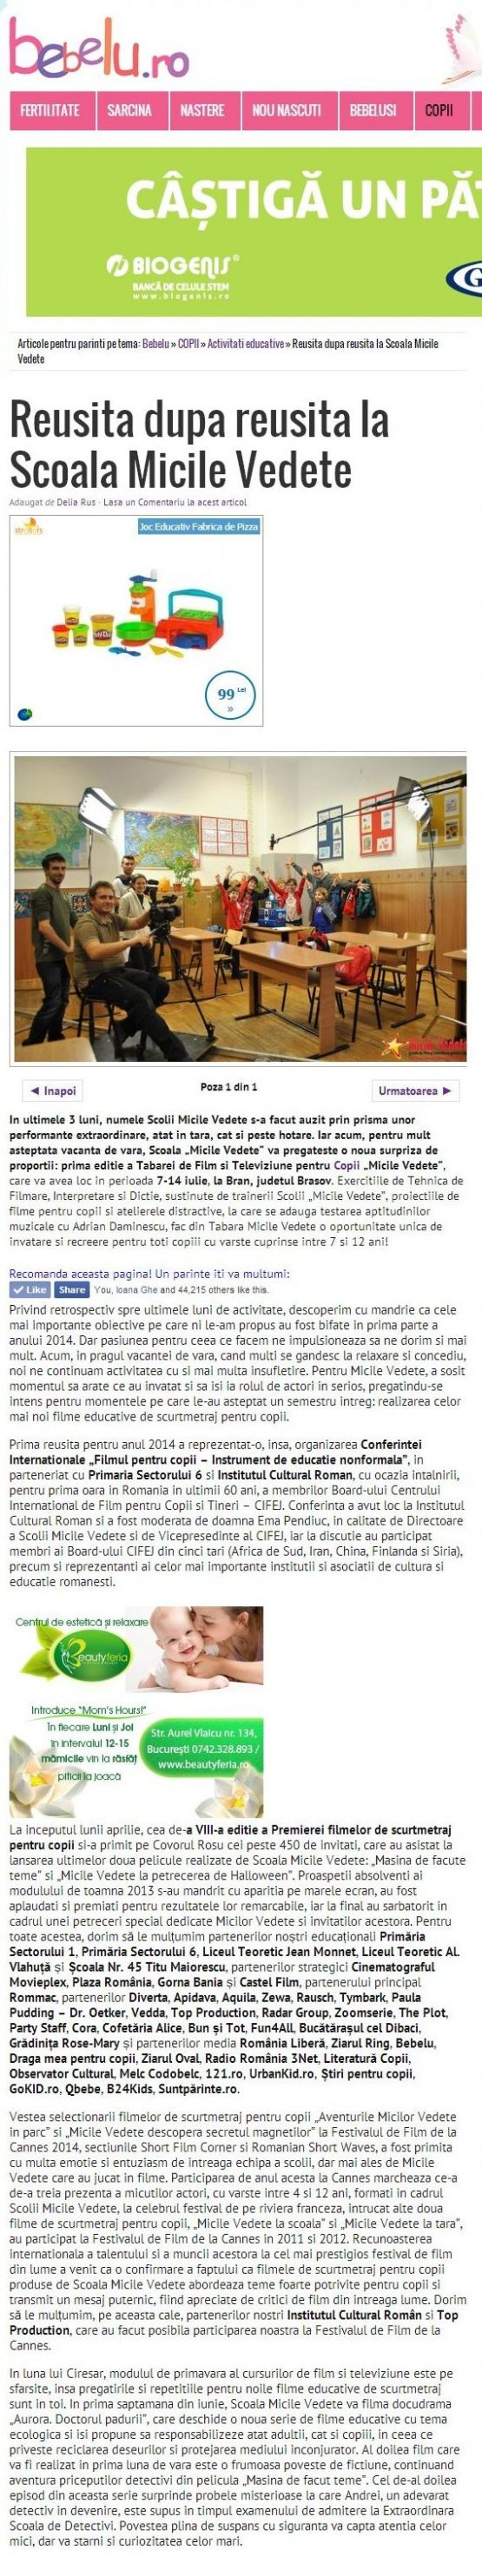 Articol Bebelu.ro